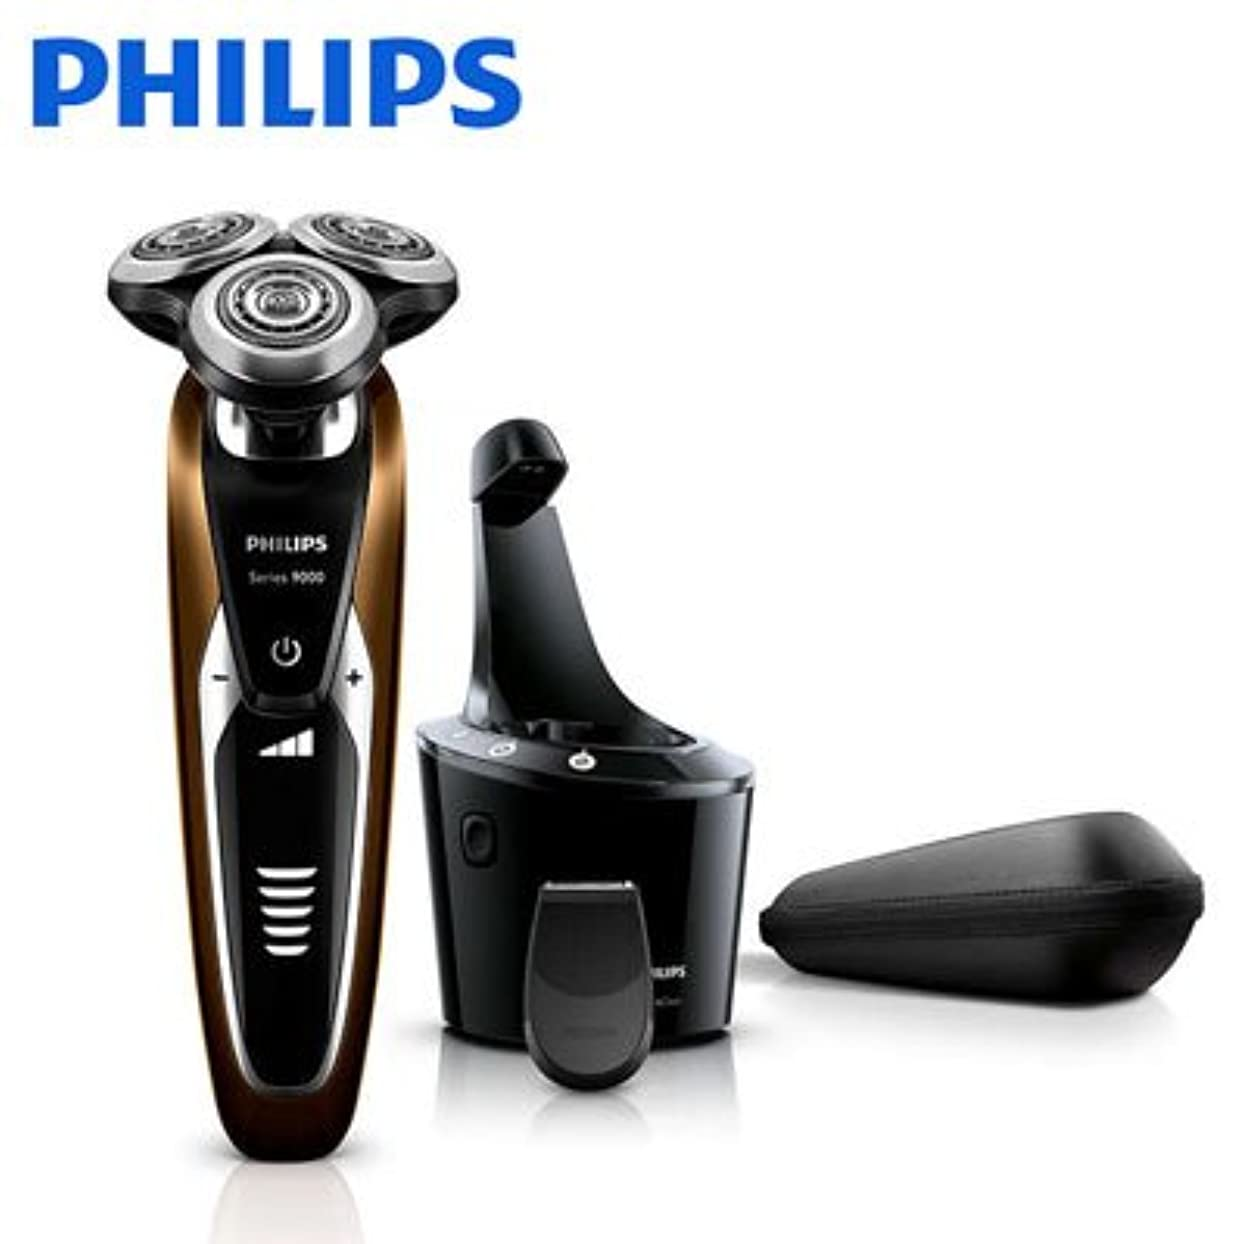 蒸気検査官香水フィリップス メンズシェーバーPHILIPS 9000シリーズ ウェット&ドライ S9512/26